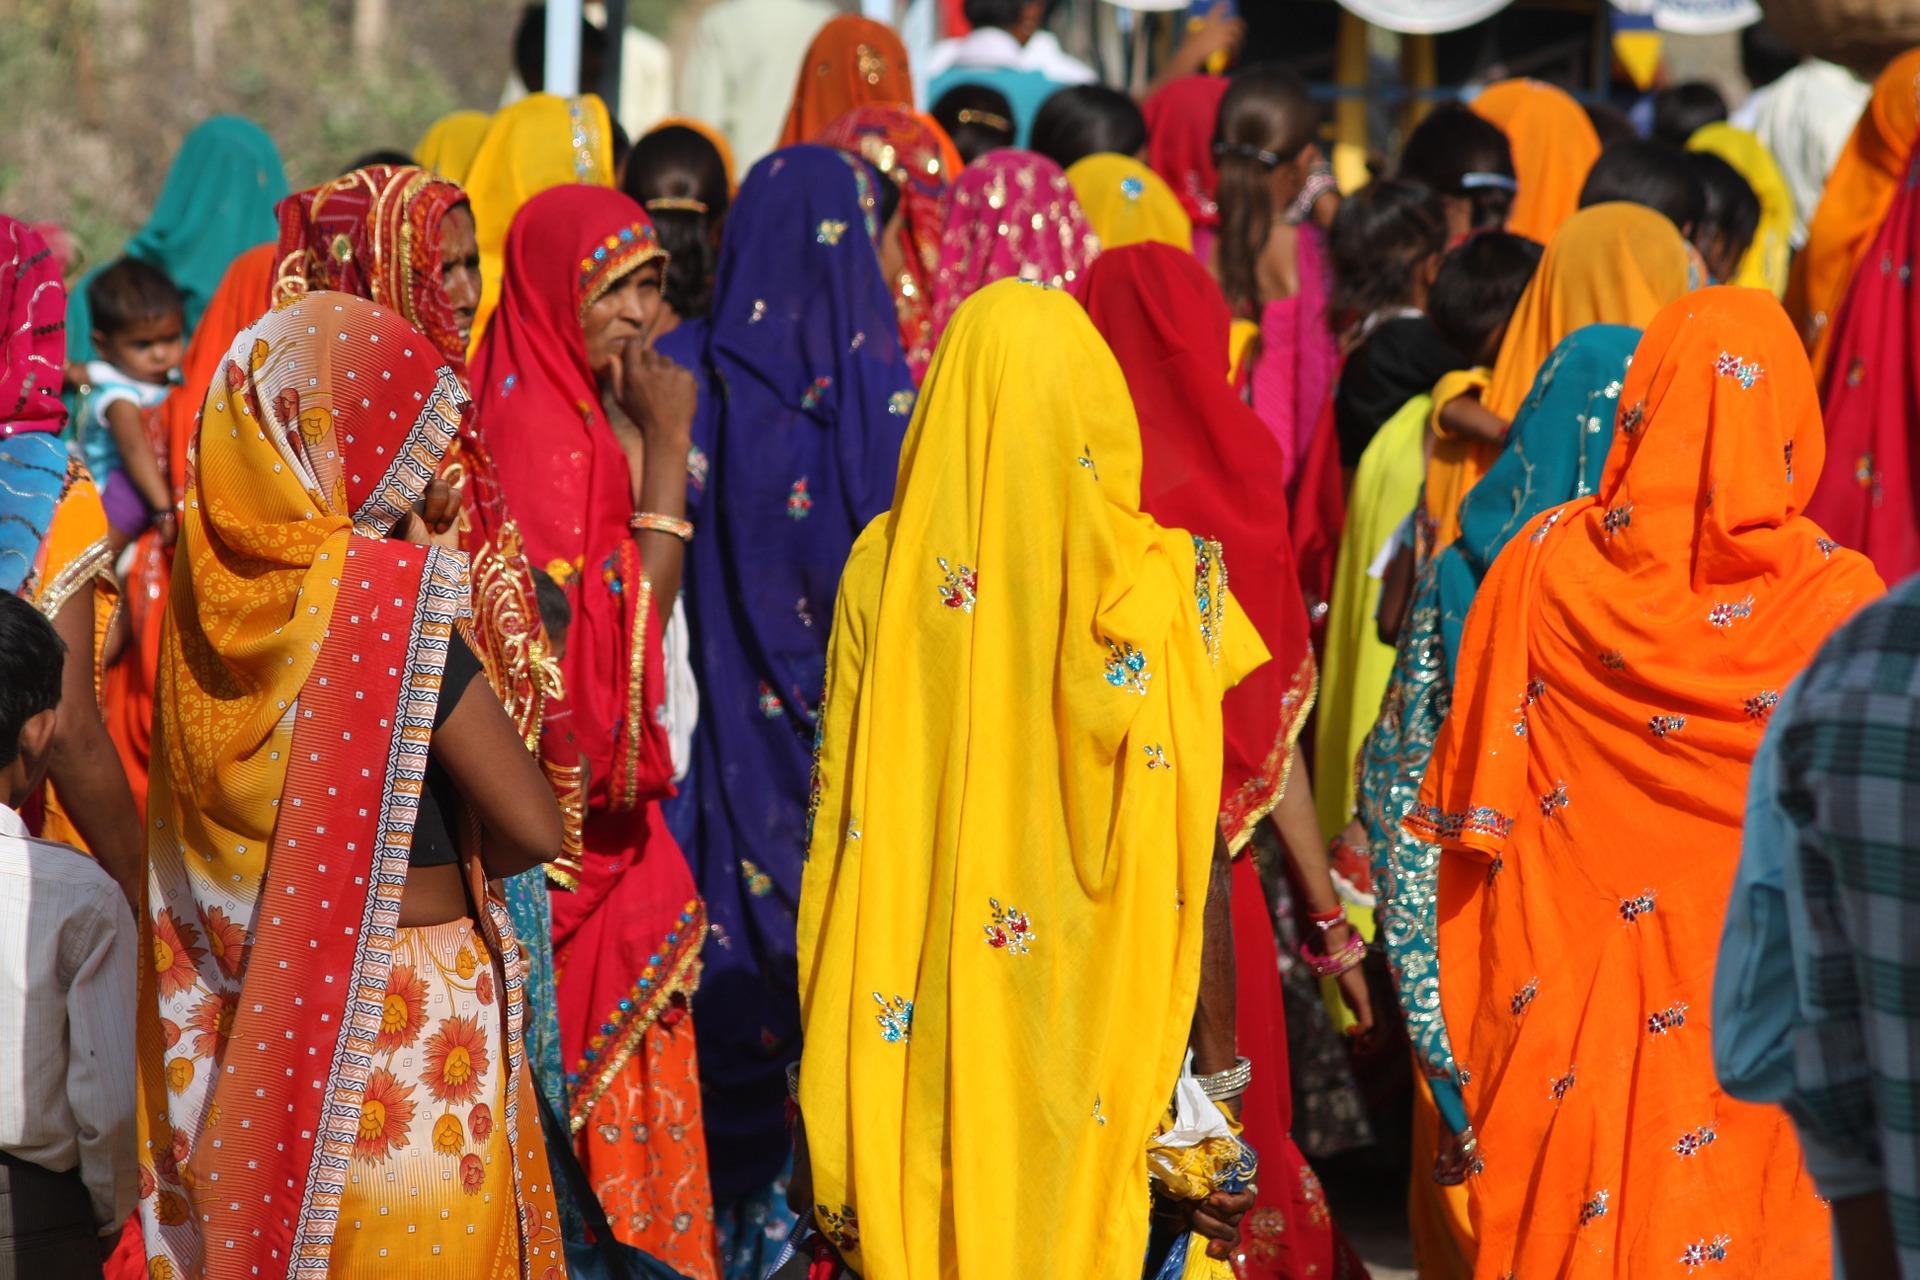 В Индии законодательно запретили принуждение к смене веры